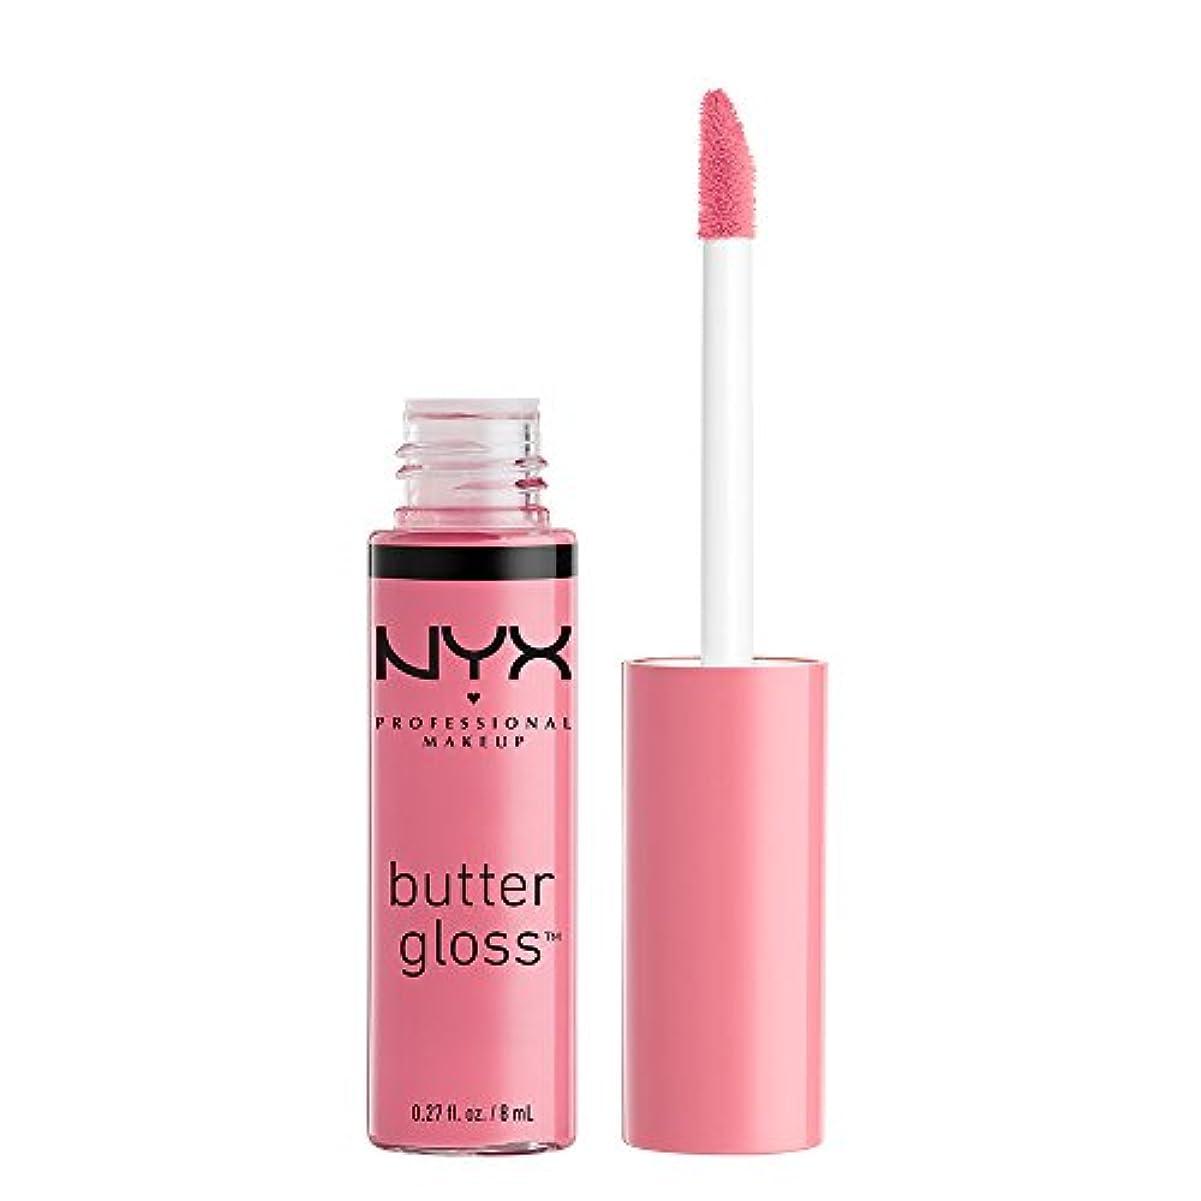 変数消化脱臼するNYX(ニックス) バター グロス 09 カラー?バニラ クリームパイ リップ